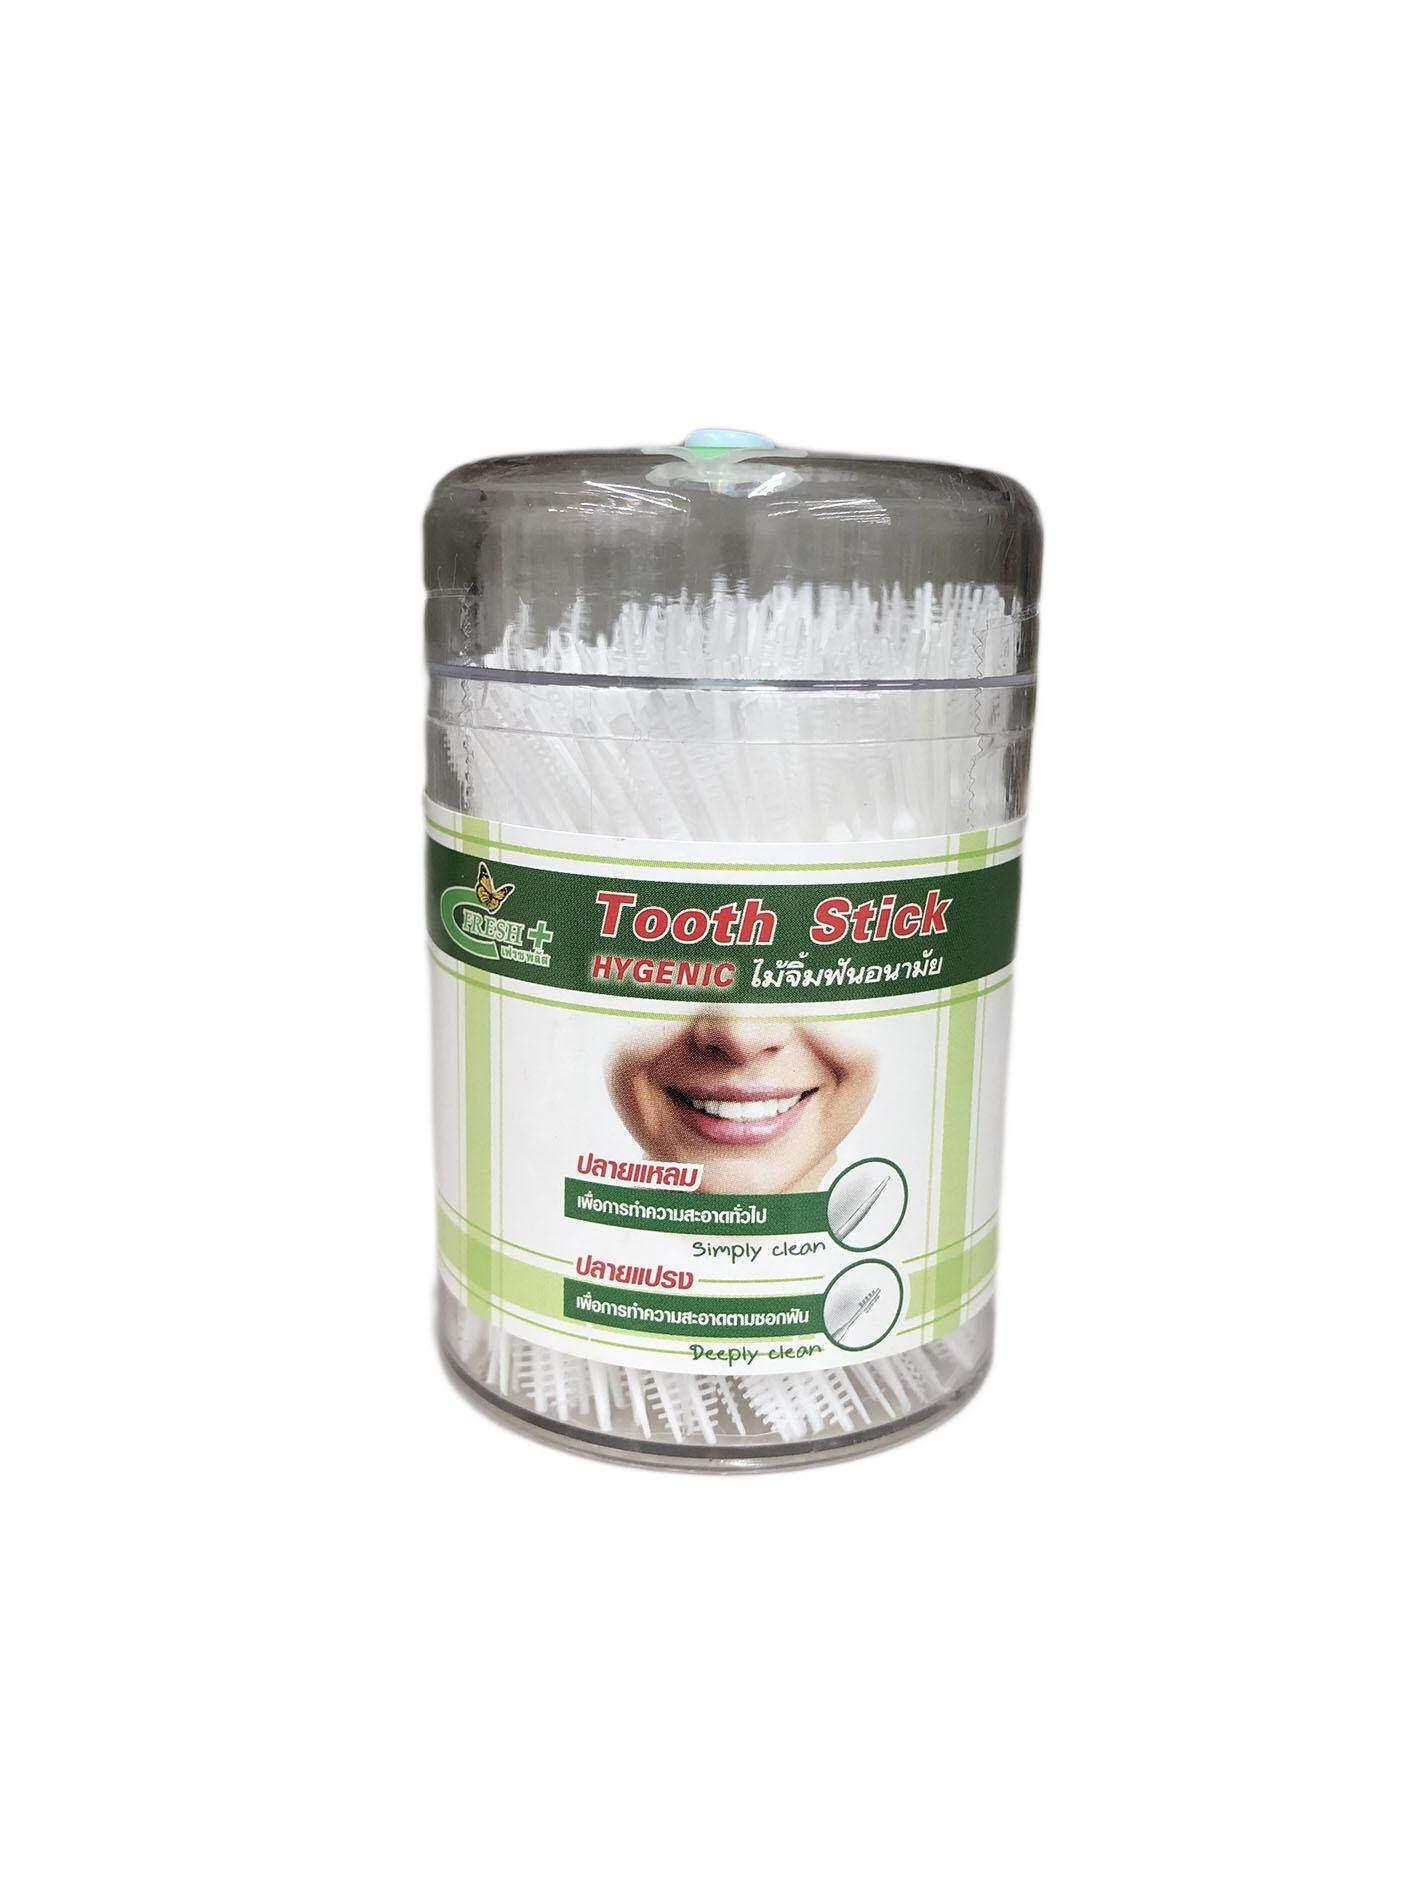 ไม้จิ้มฟัน ไม้จิ้มฟันอนามัย ((2หัว 300ก้าน)) ปลายแหลมเพื่อทำความสะอาดทั่วไป ปลายแปรงเพื่อทำความสะอาดตามซอกฟัน ((ของแท้100%)) พร้อมส่ง!!!.